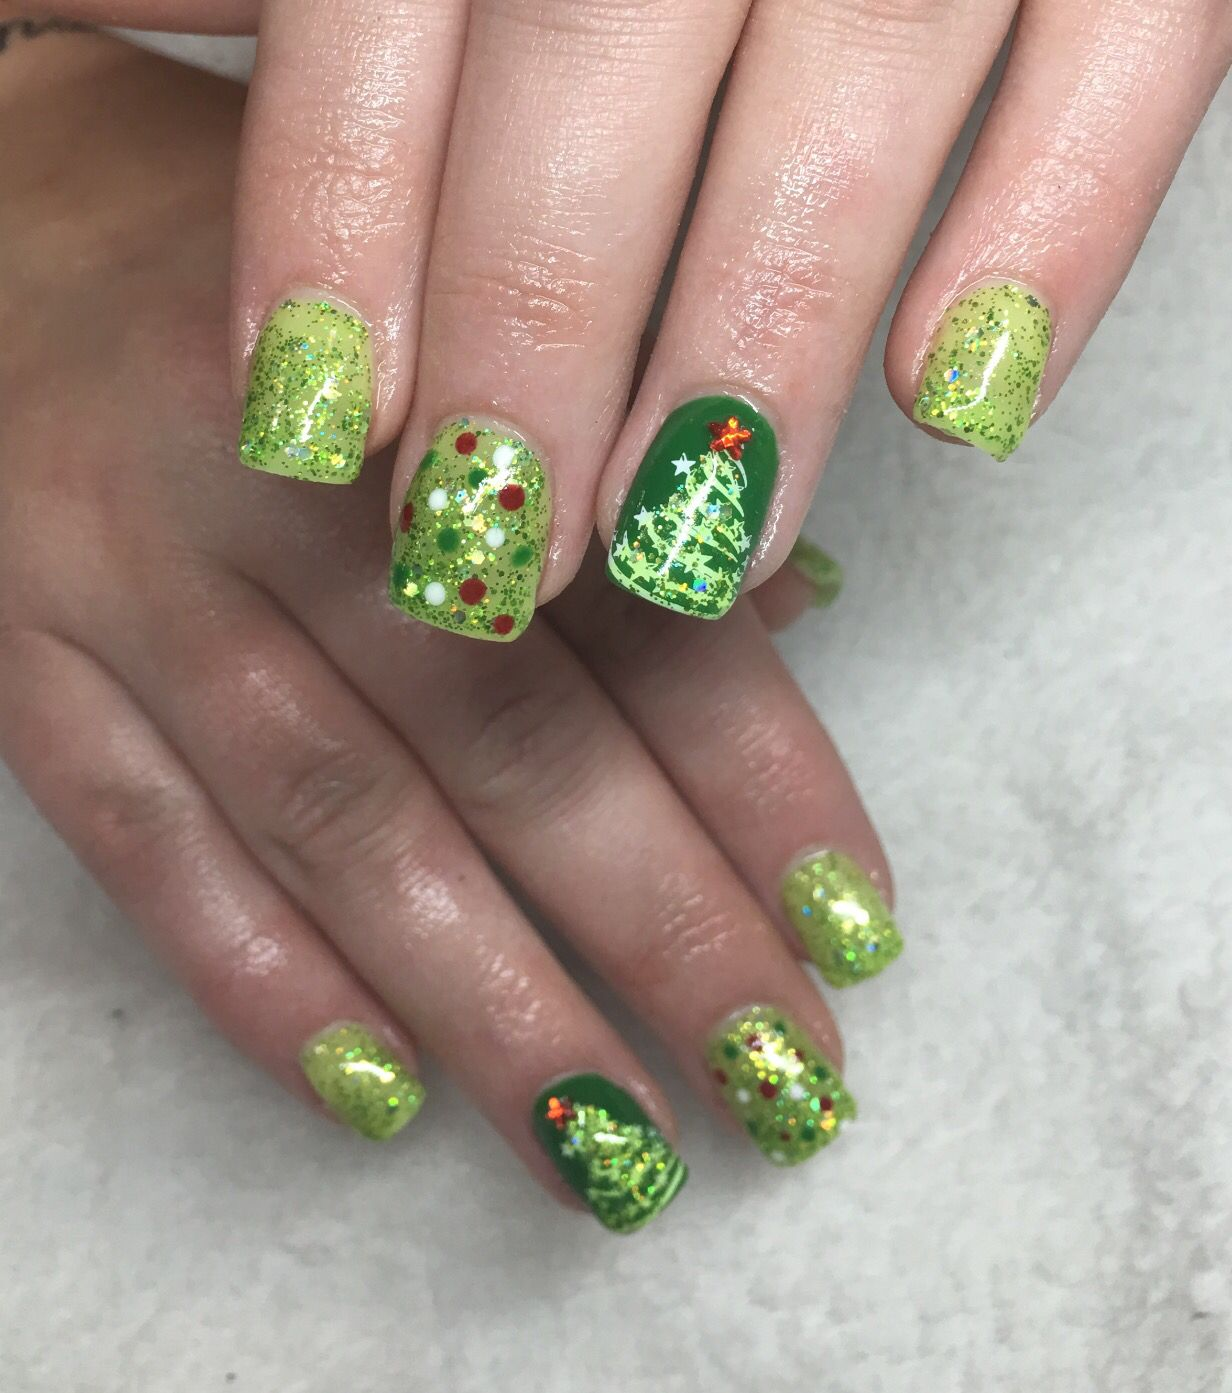 Green Christmas nails | Nail Art Community Pins ...